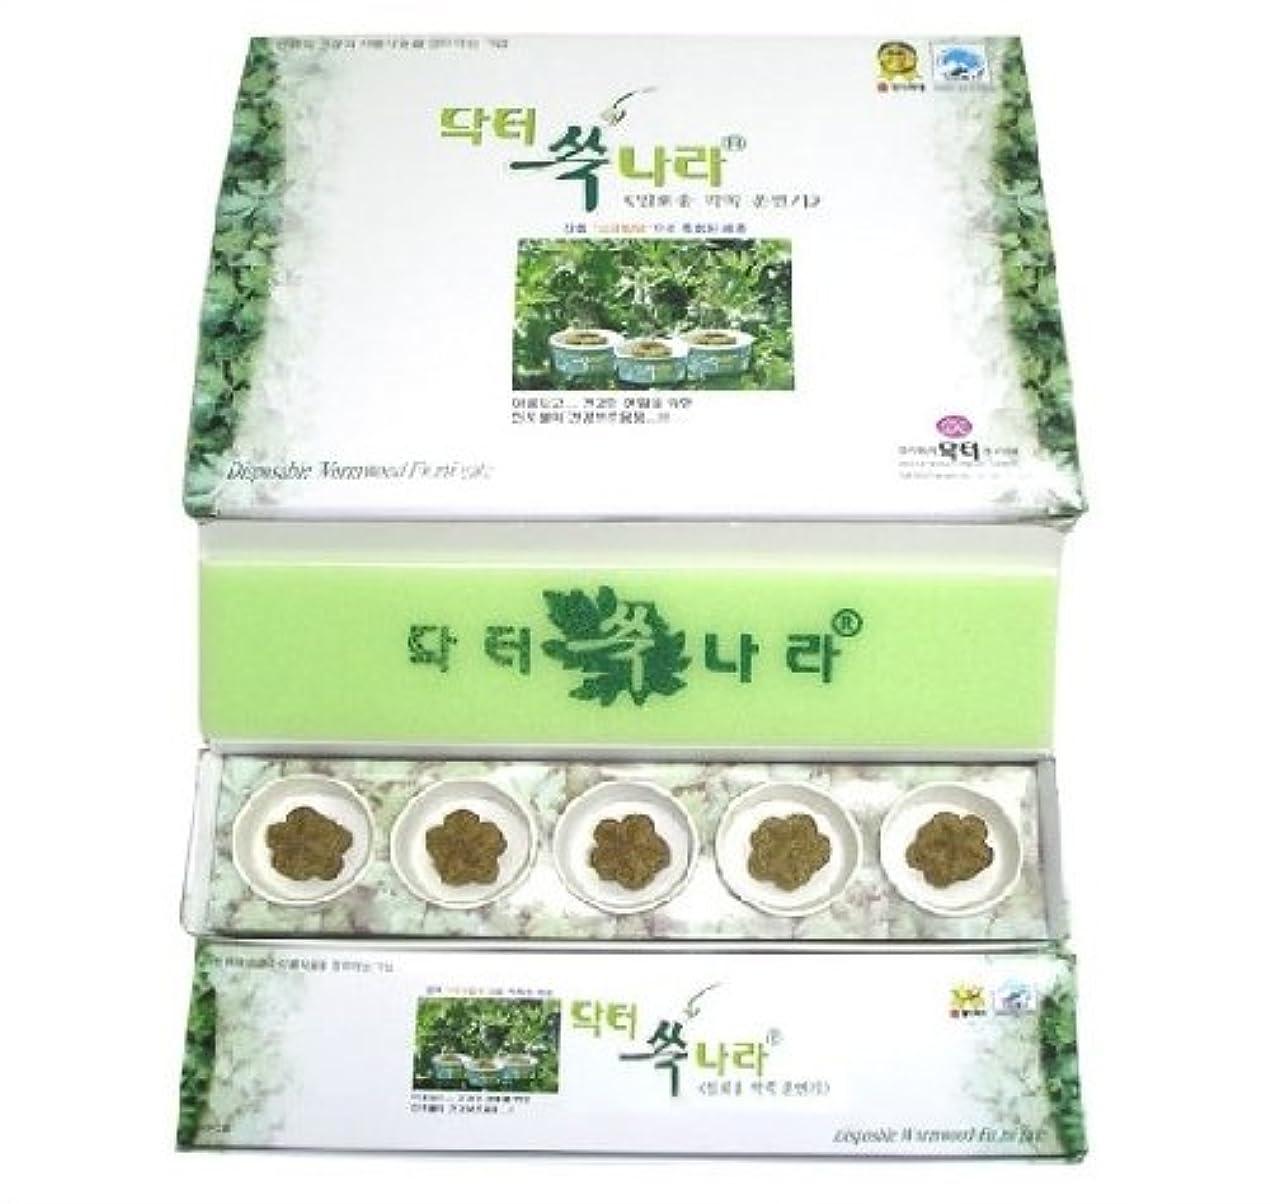 立証する器具資源韓国 トイレでする自宅よもぎ蒸し、座浴、座薫ー超簡単 器具は不要 5個入り